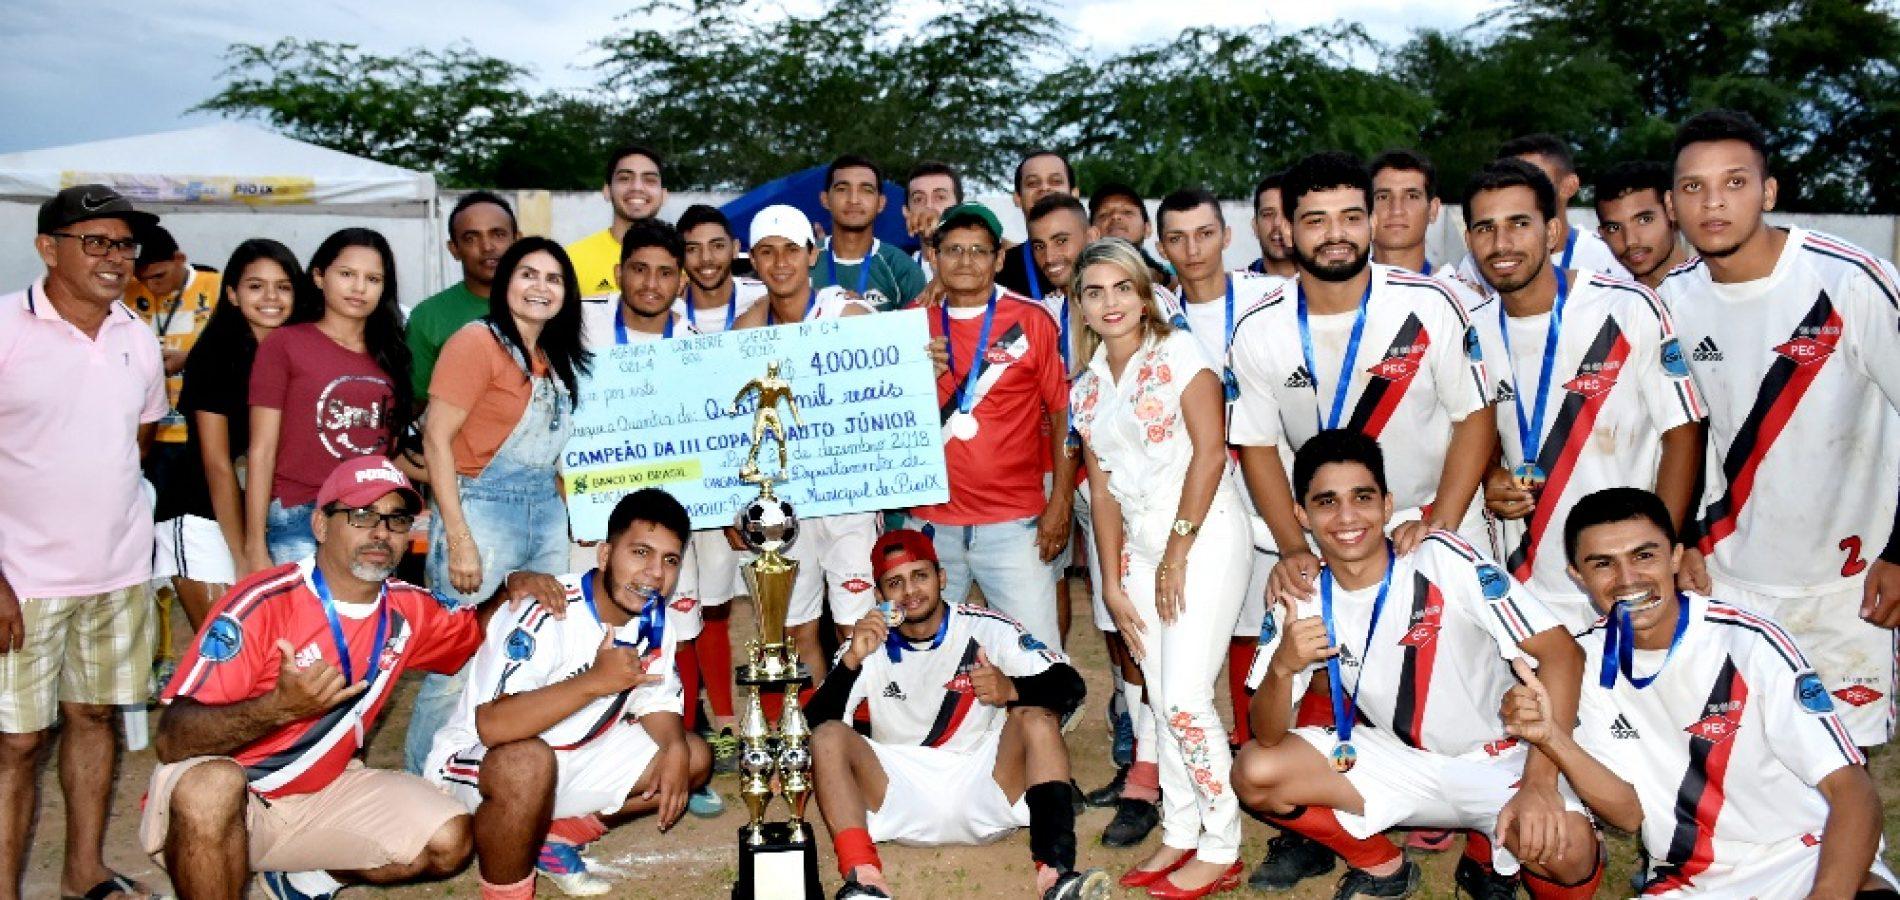 PEC vence Jatobá e conquista título de campeão da III Copa Adauto Júnior em Pio IX; fotos